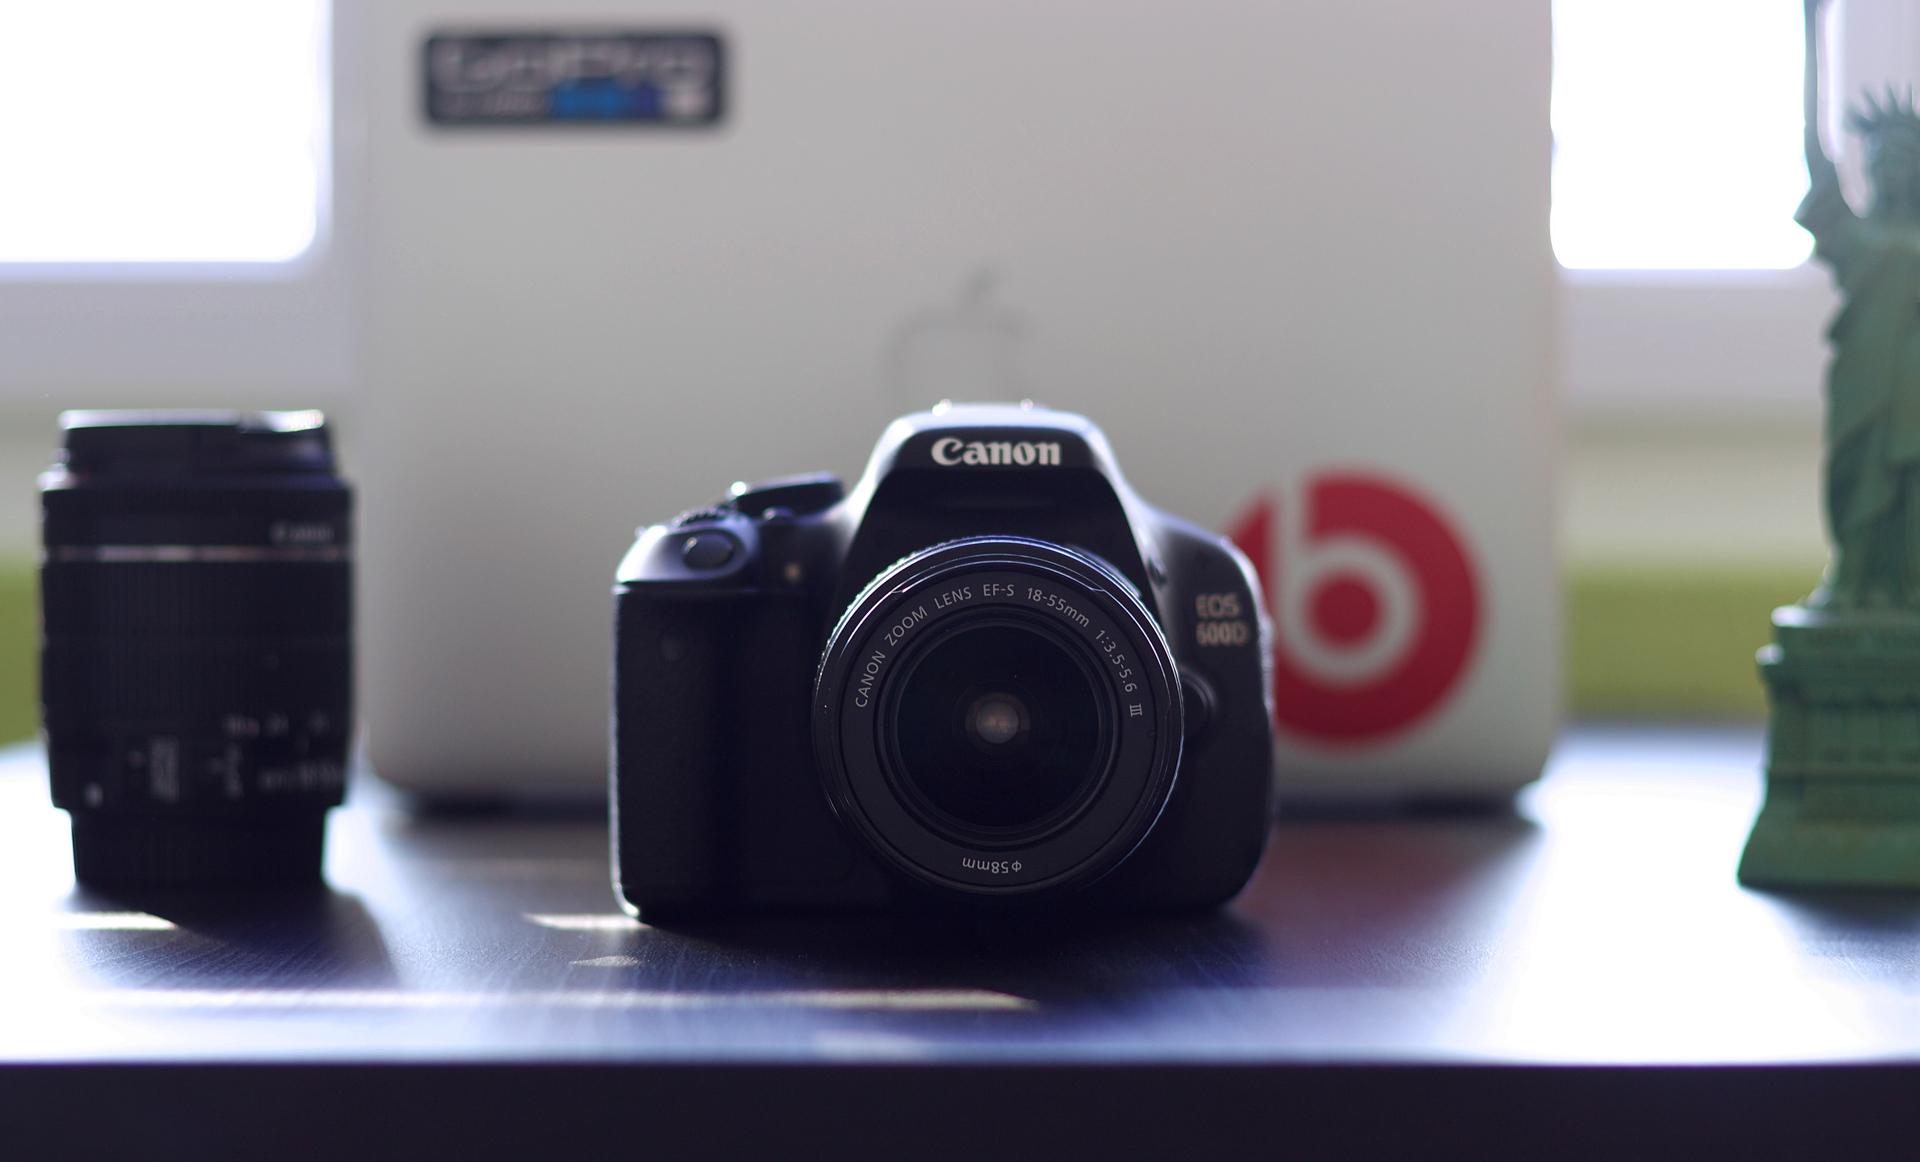 一眼レフカメラとレンズの写った写真